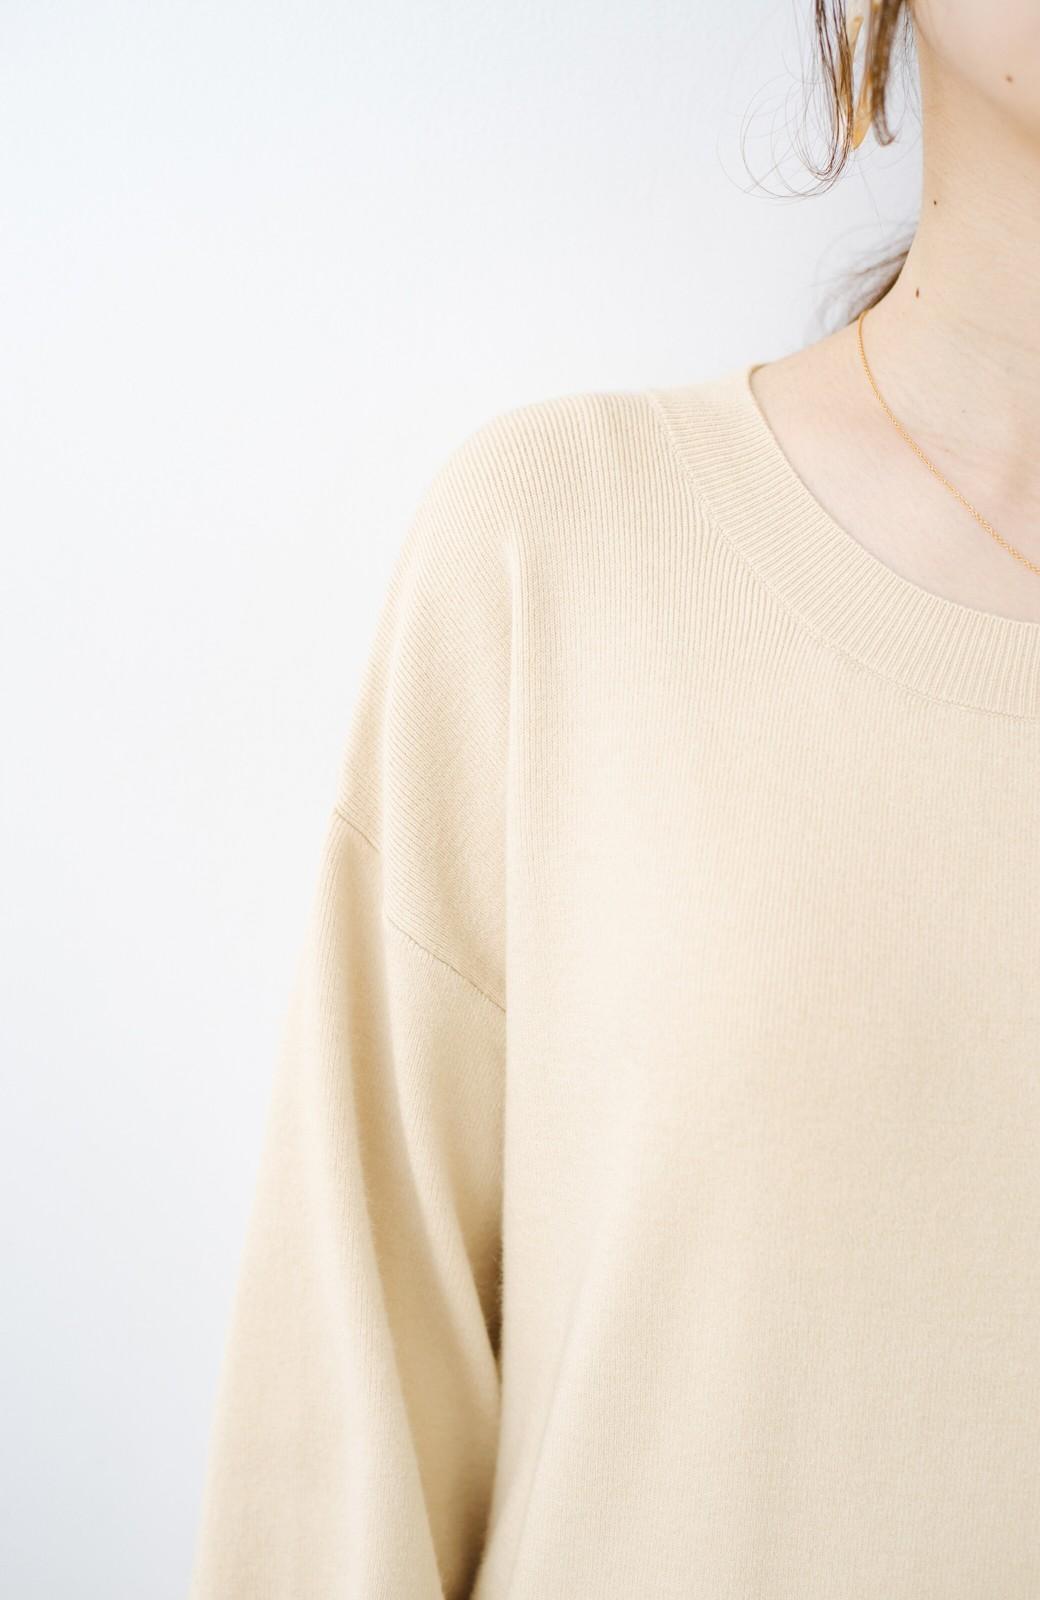 haco! 1枚でも重ね着でもかわいい! ボタン付きスリットが便利なニットワンピース <ライトベージュ>の商品写真4